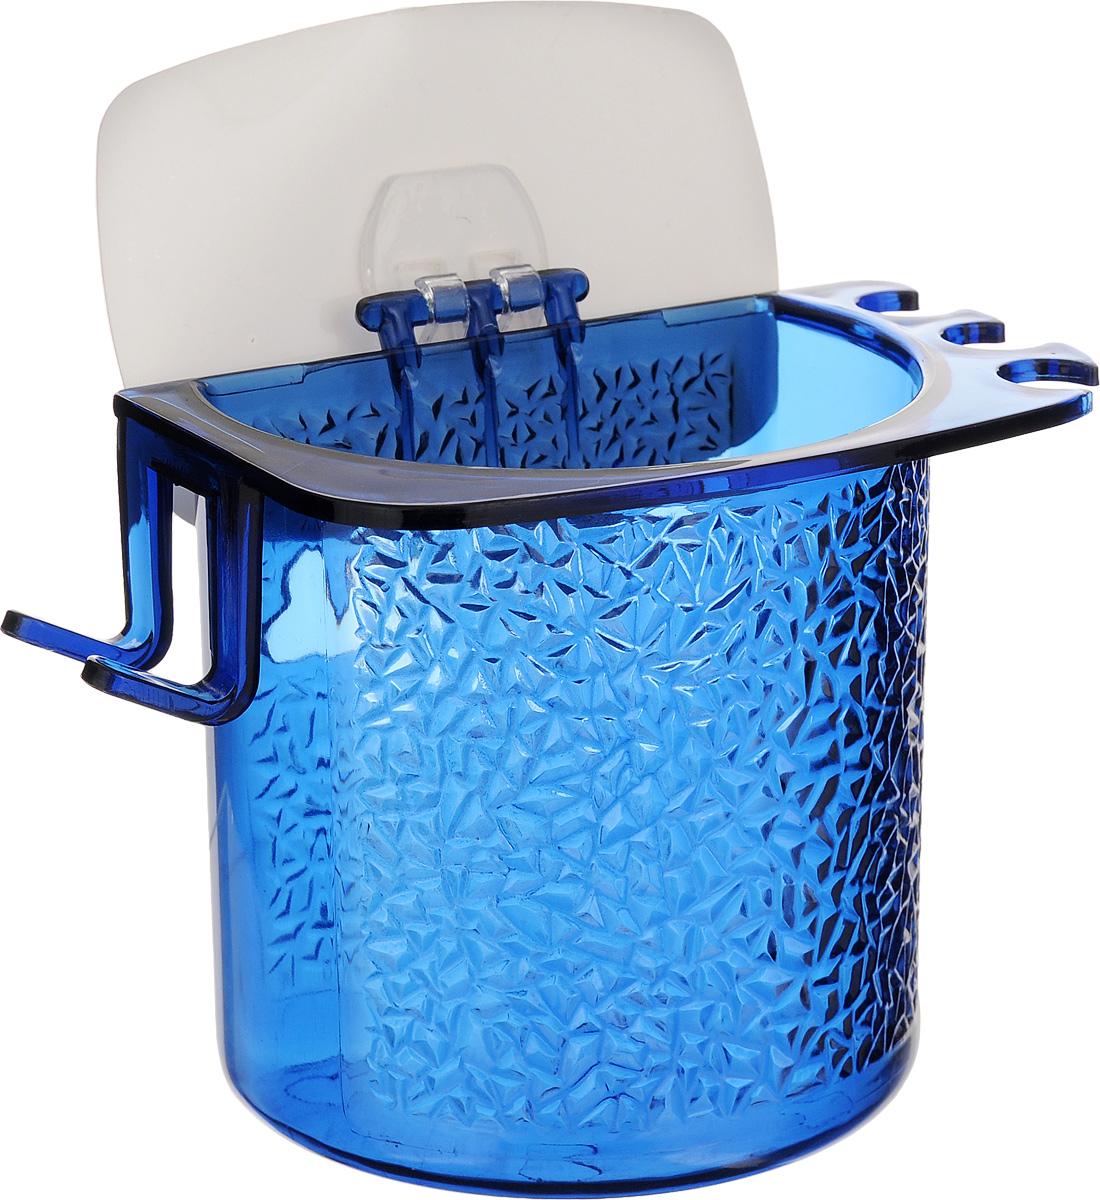 Стакан для ванной Fresh Code, на липкой основе, цвет: синий64945_синийСтакан для ванной комнаты Fresh Code выполнен из ABS пластика. Крепление на липкой основе многократного использования идеально подходит для гладкой поверхности. С оборотной стороны изделие оснащено двумя отверстиями для удобного размещения на стене. В стакане удобно хранить зубные щетки, пасту и другие принадлежности. Аксессуары для ванной комнаты Fresh Code стильно украсят интерьер и добавят в обычную обстановку яркие и модные акценты. Стакан идеально подойдет к любому стилю ванной комнаты.